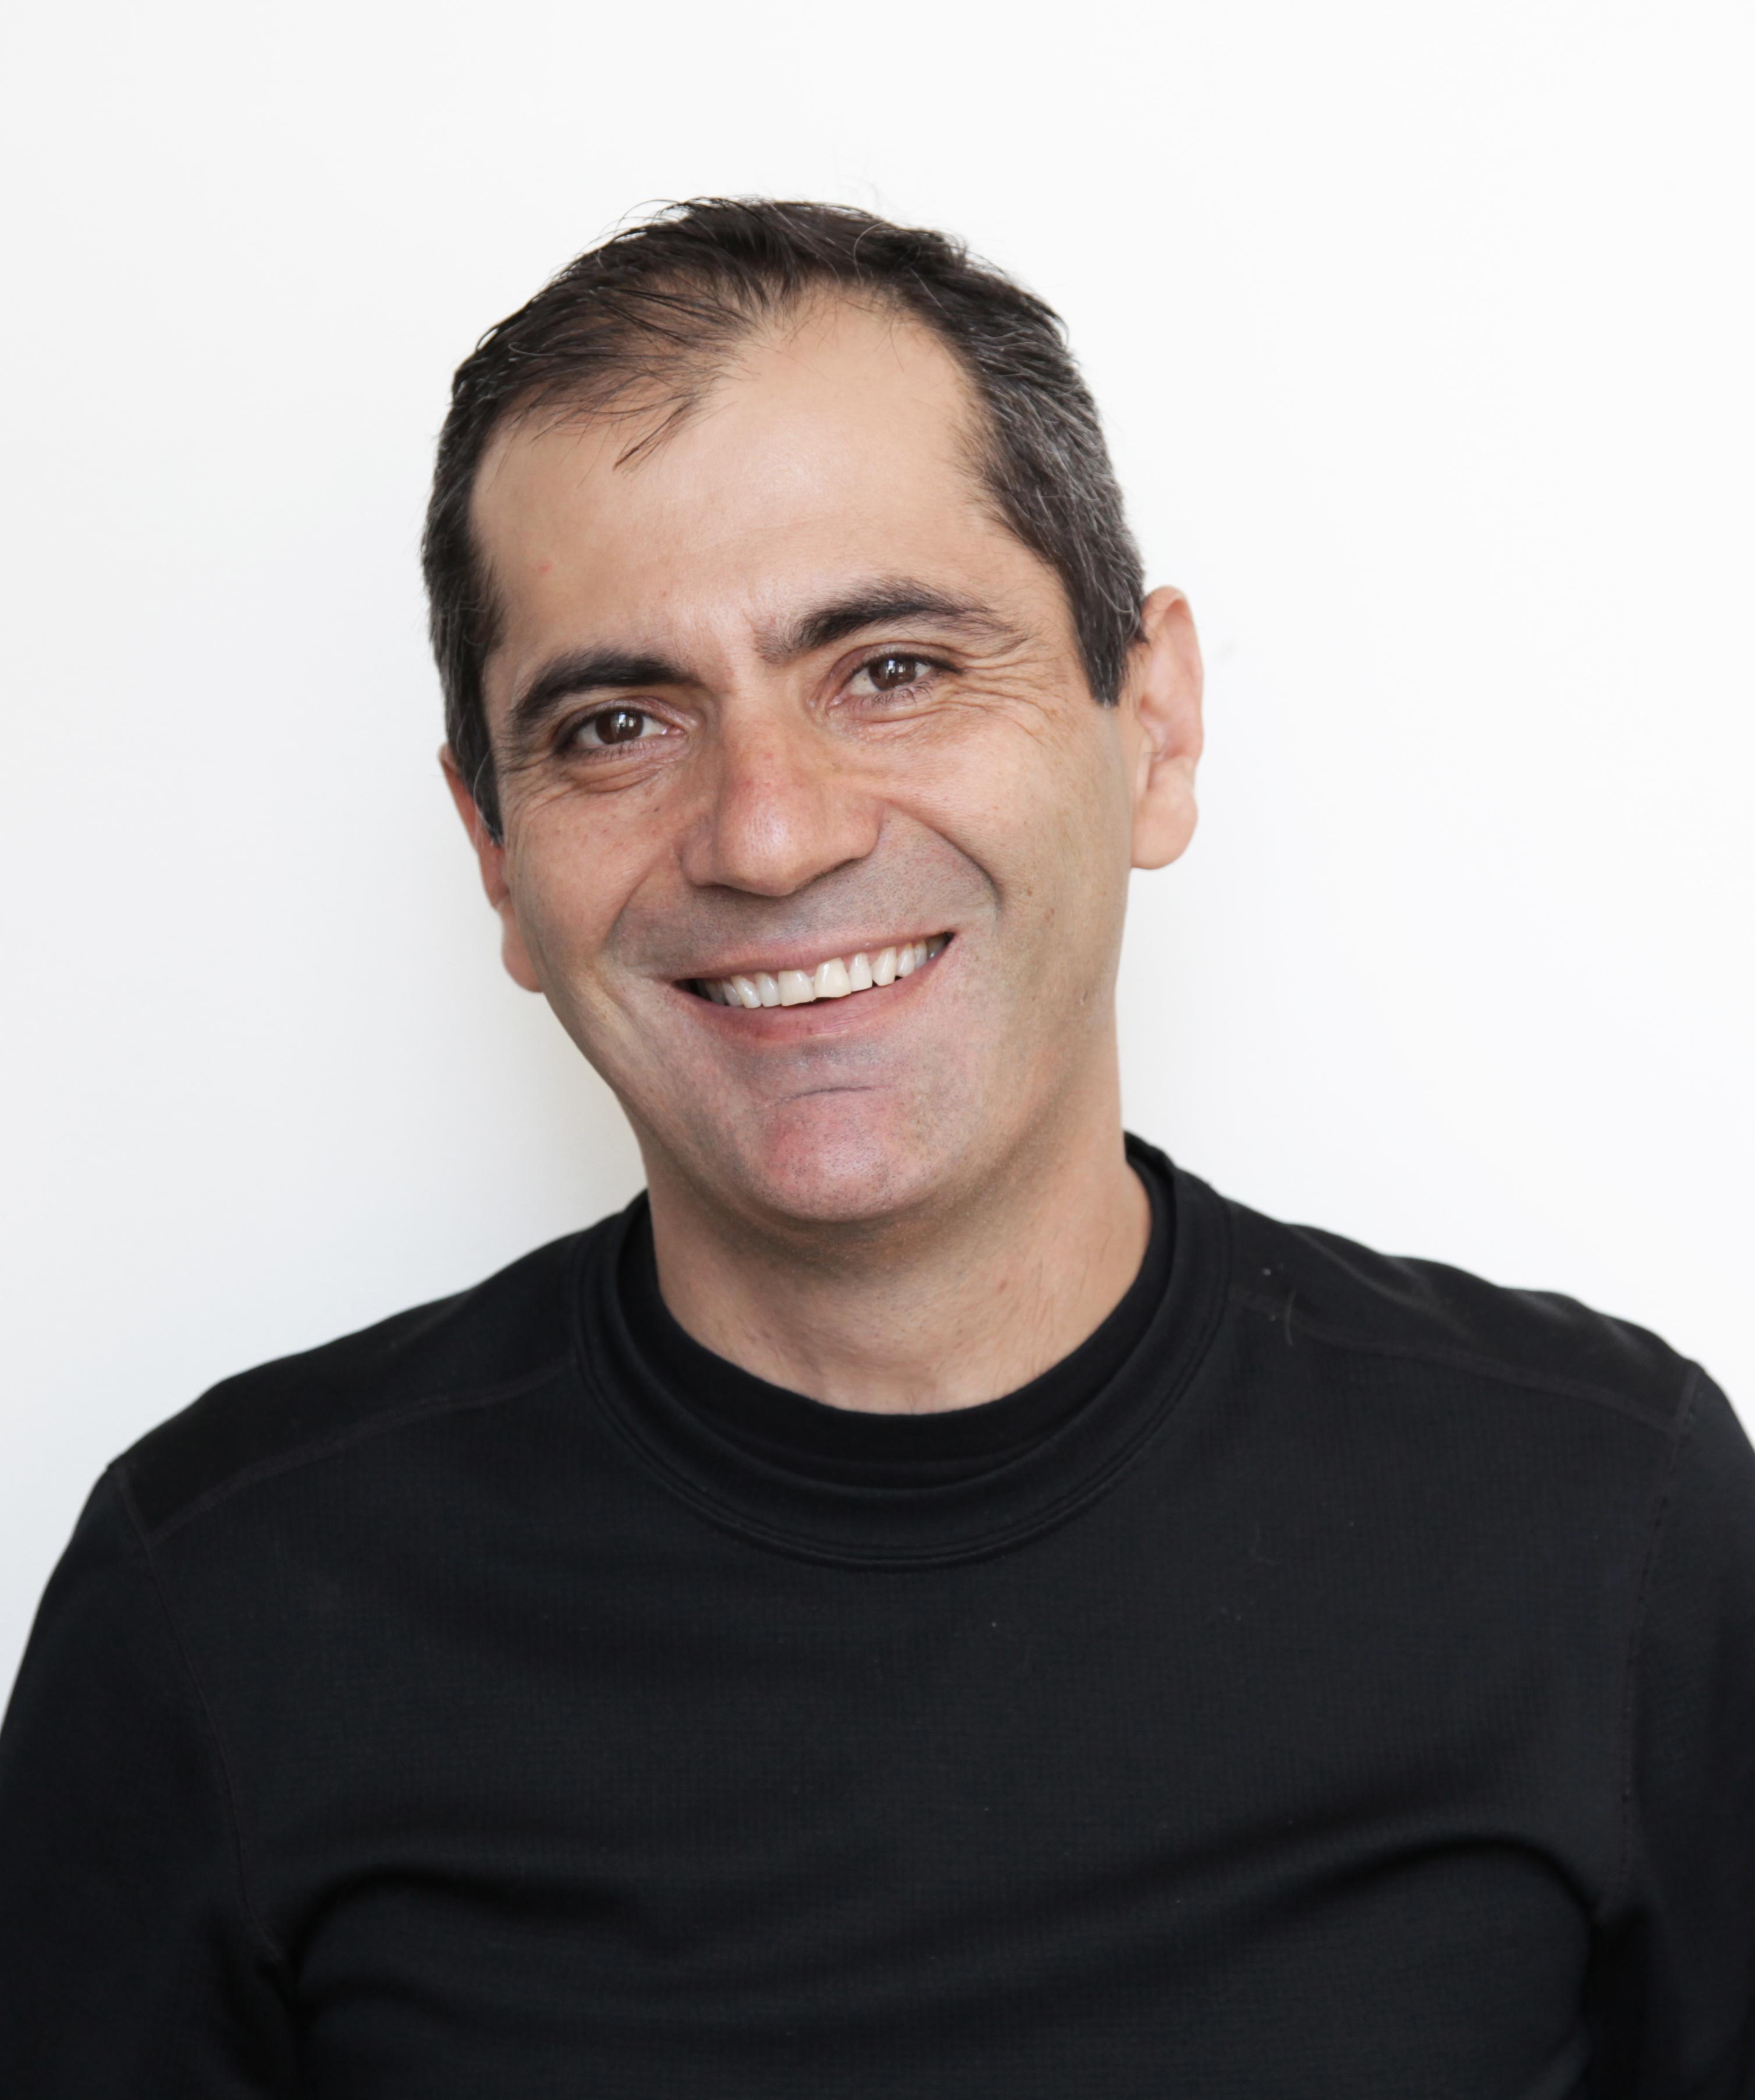 Yama Karim